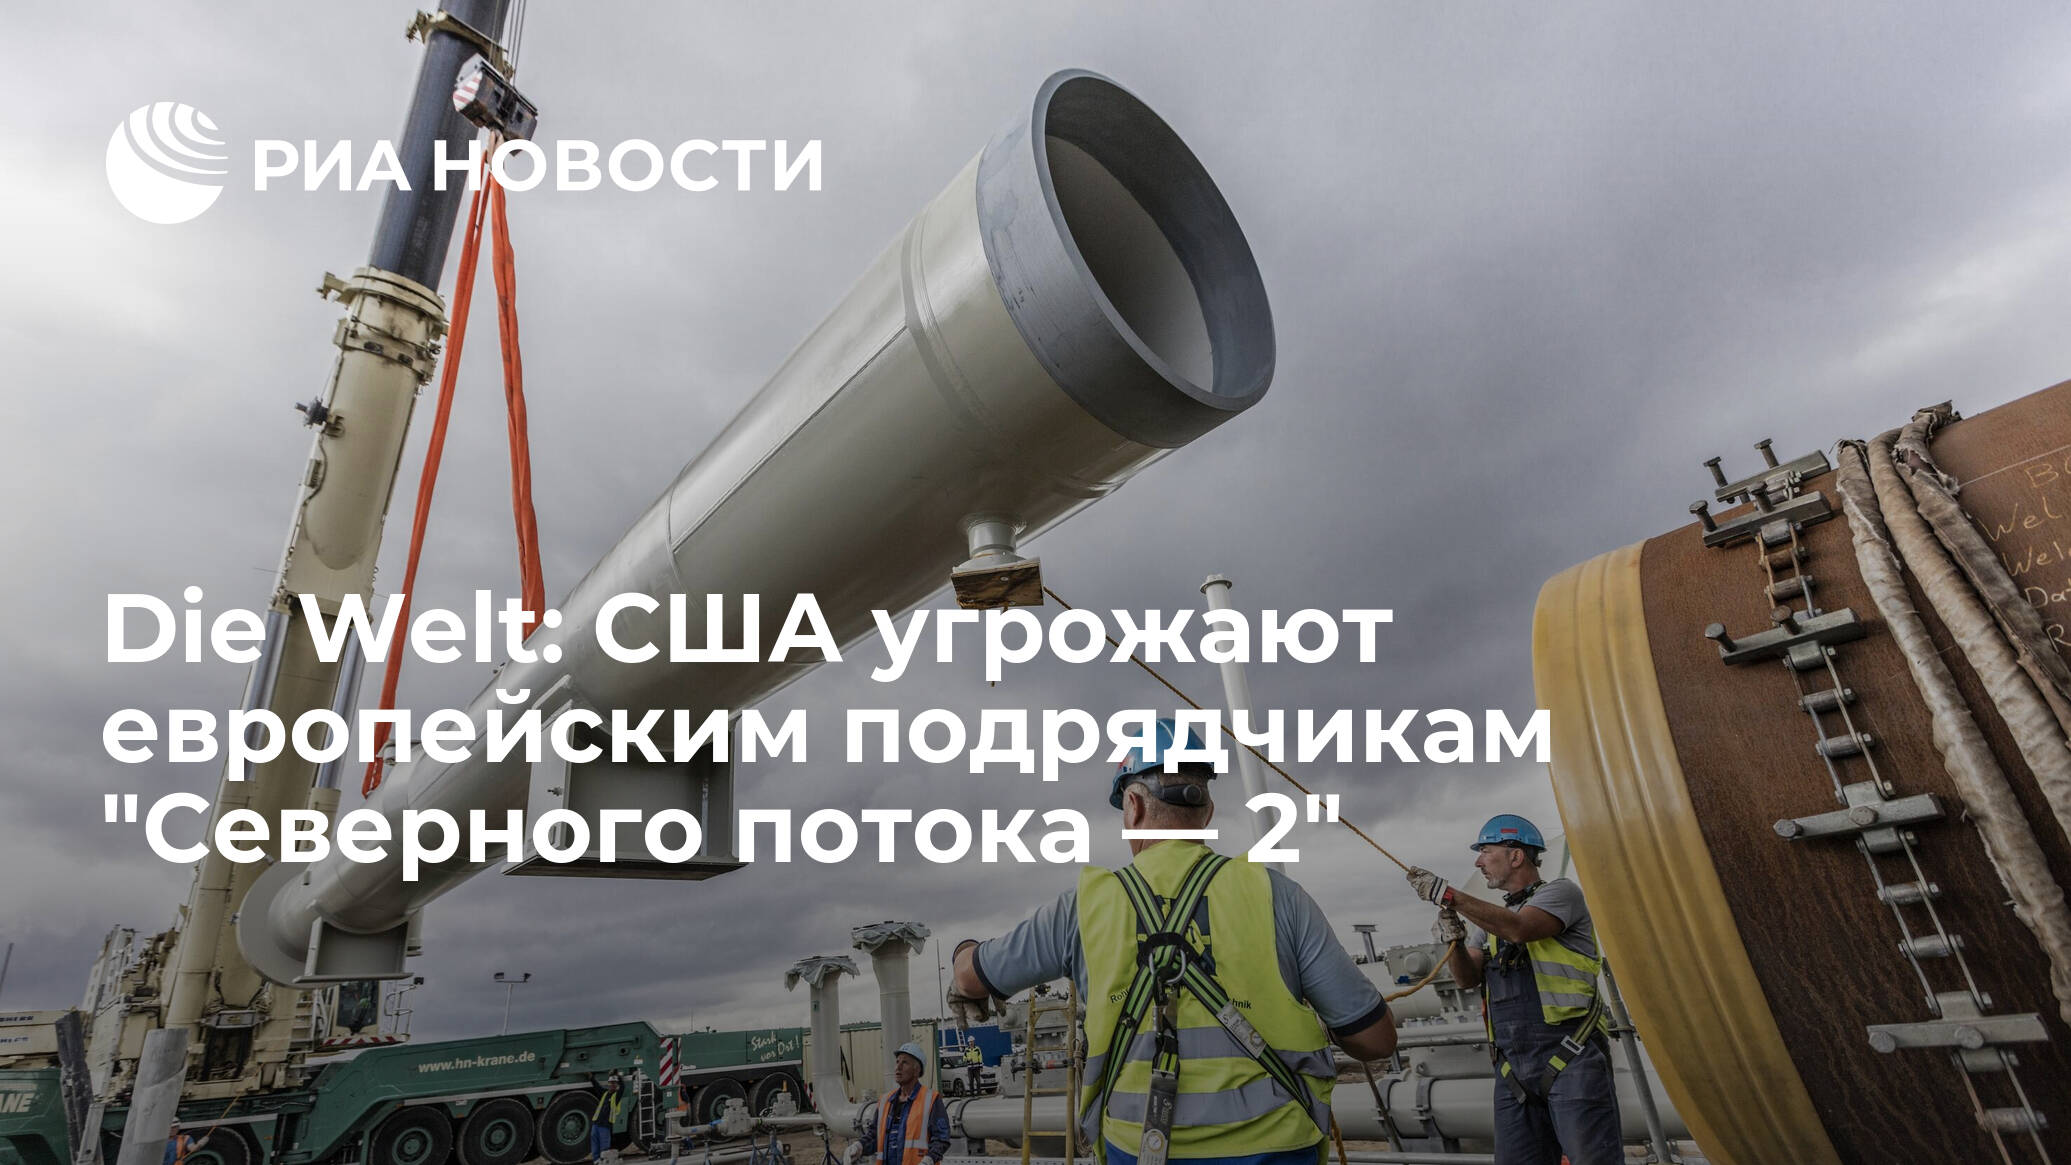 Die Welt: США угрожают европейским подрядчикам 'Северного потока — 2' - РИА НОВОСТИ